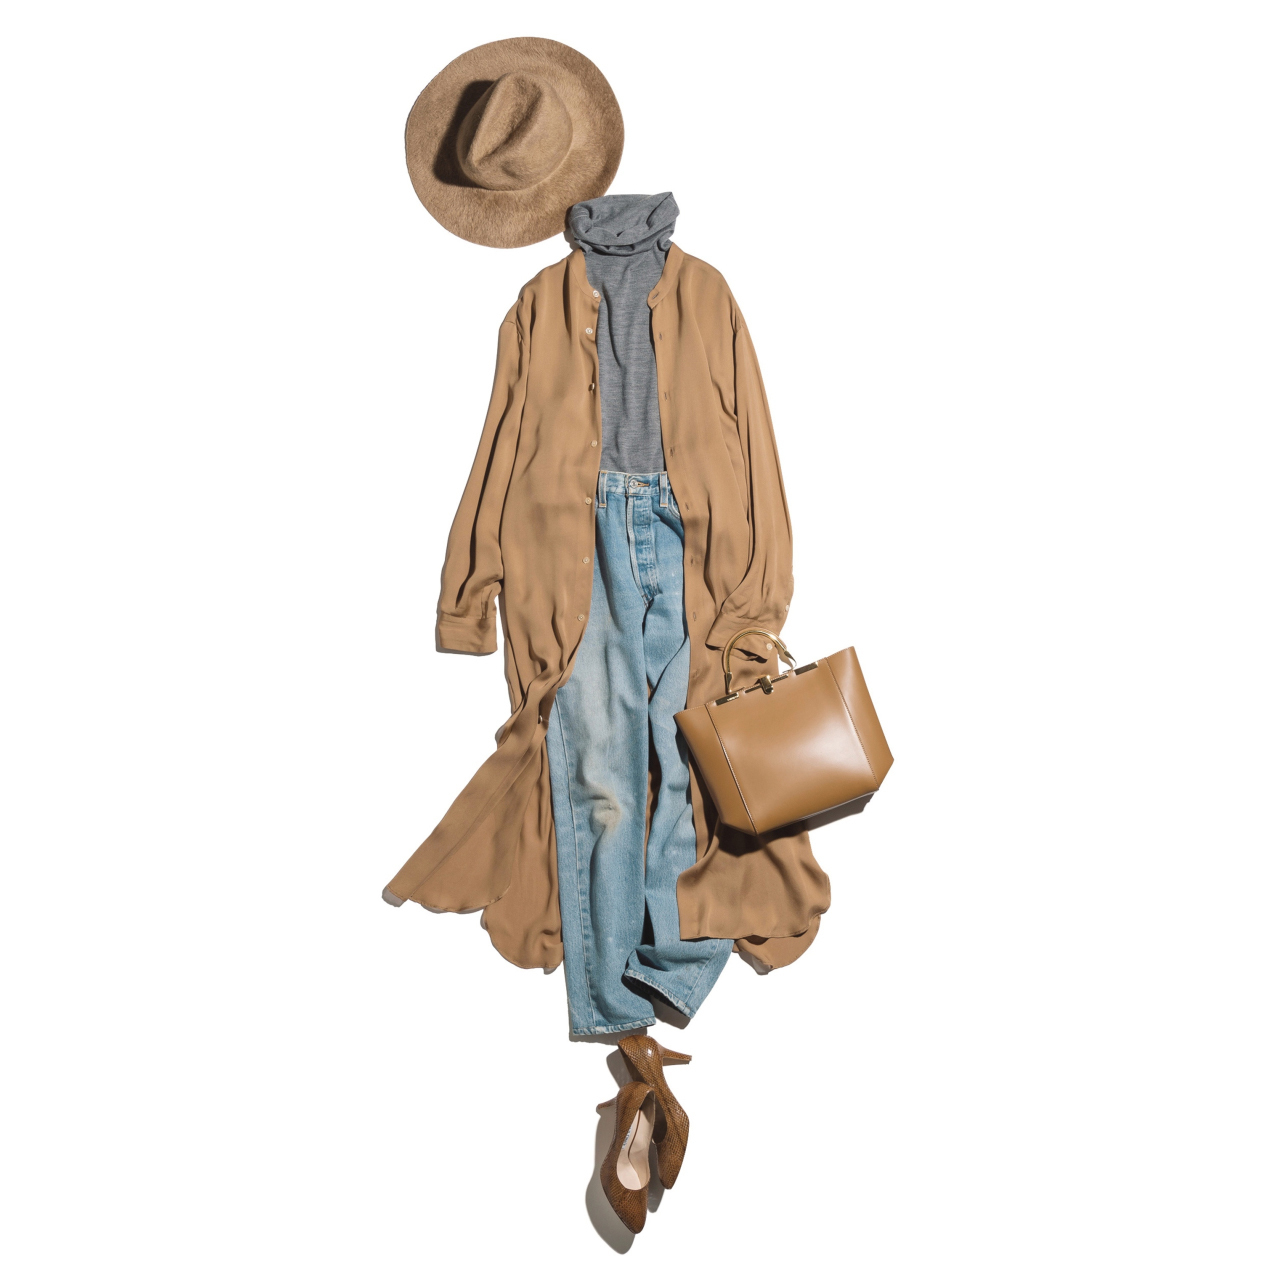 ロングカーディガン×デニムパンツのファッションコーデ